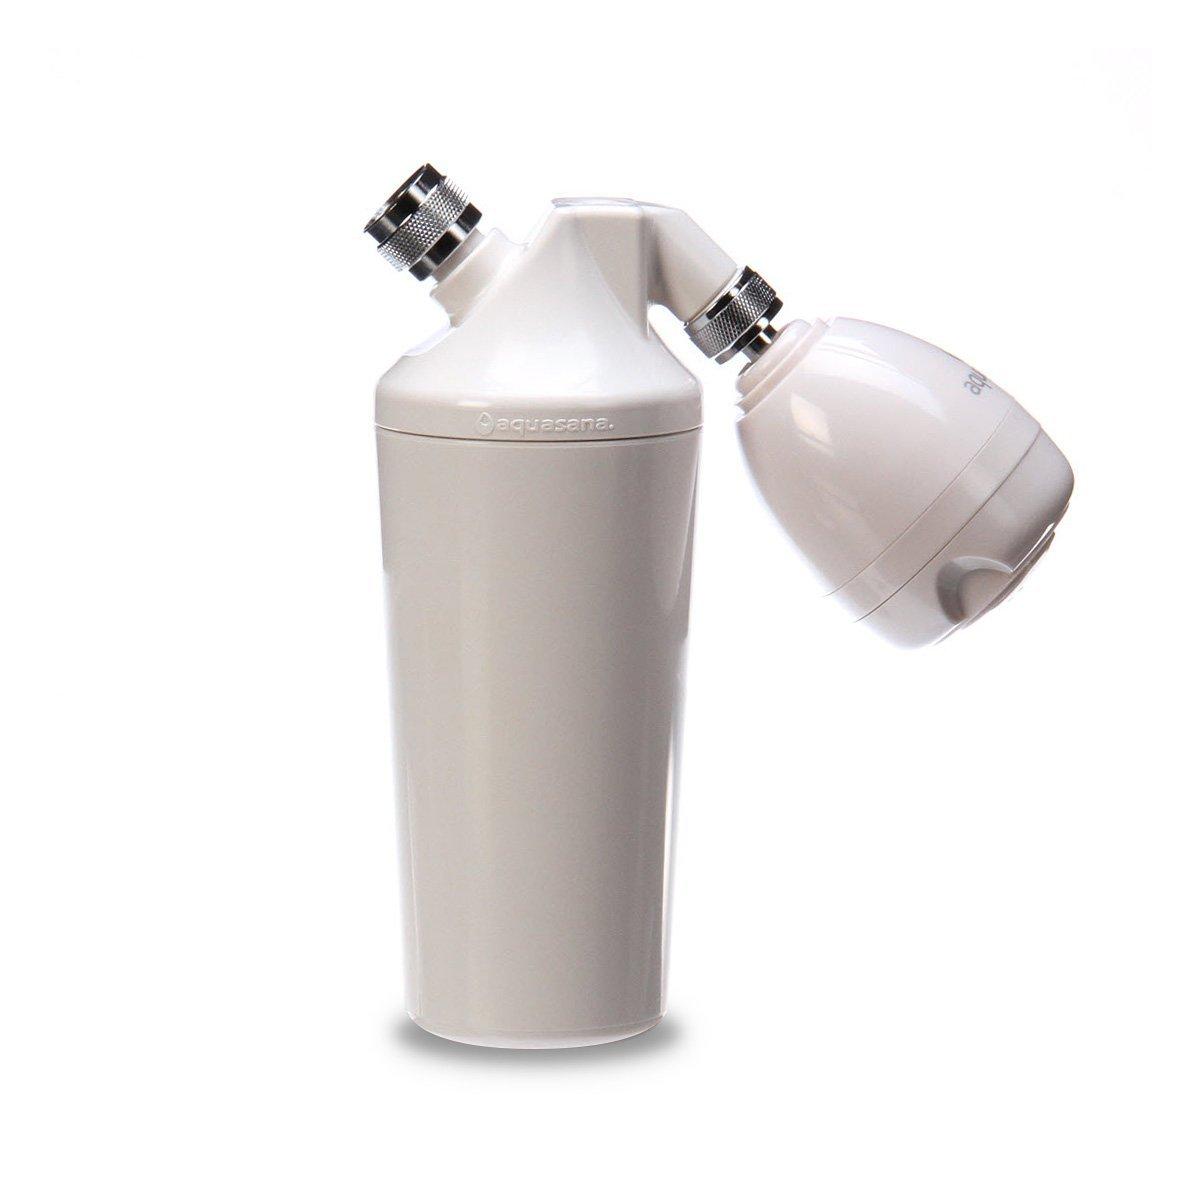 Bộ lọc aq-4100 điều chỉnh Aquasana tắm vòi phun